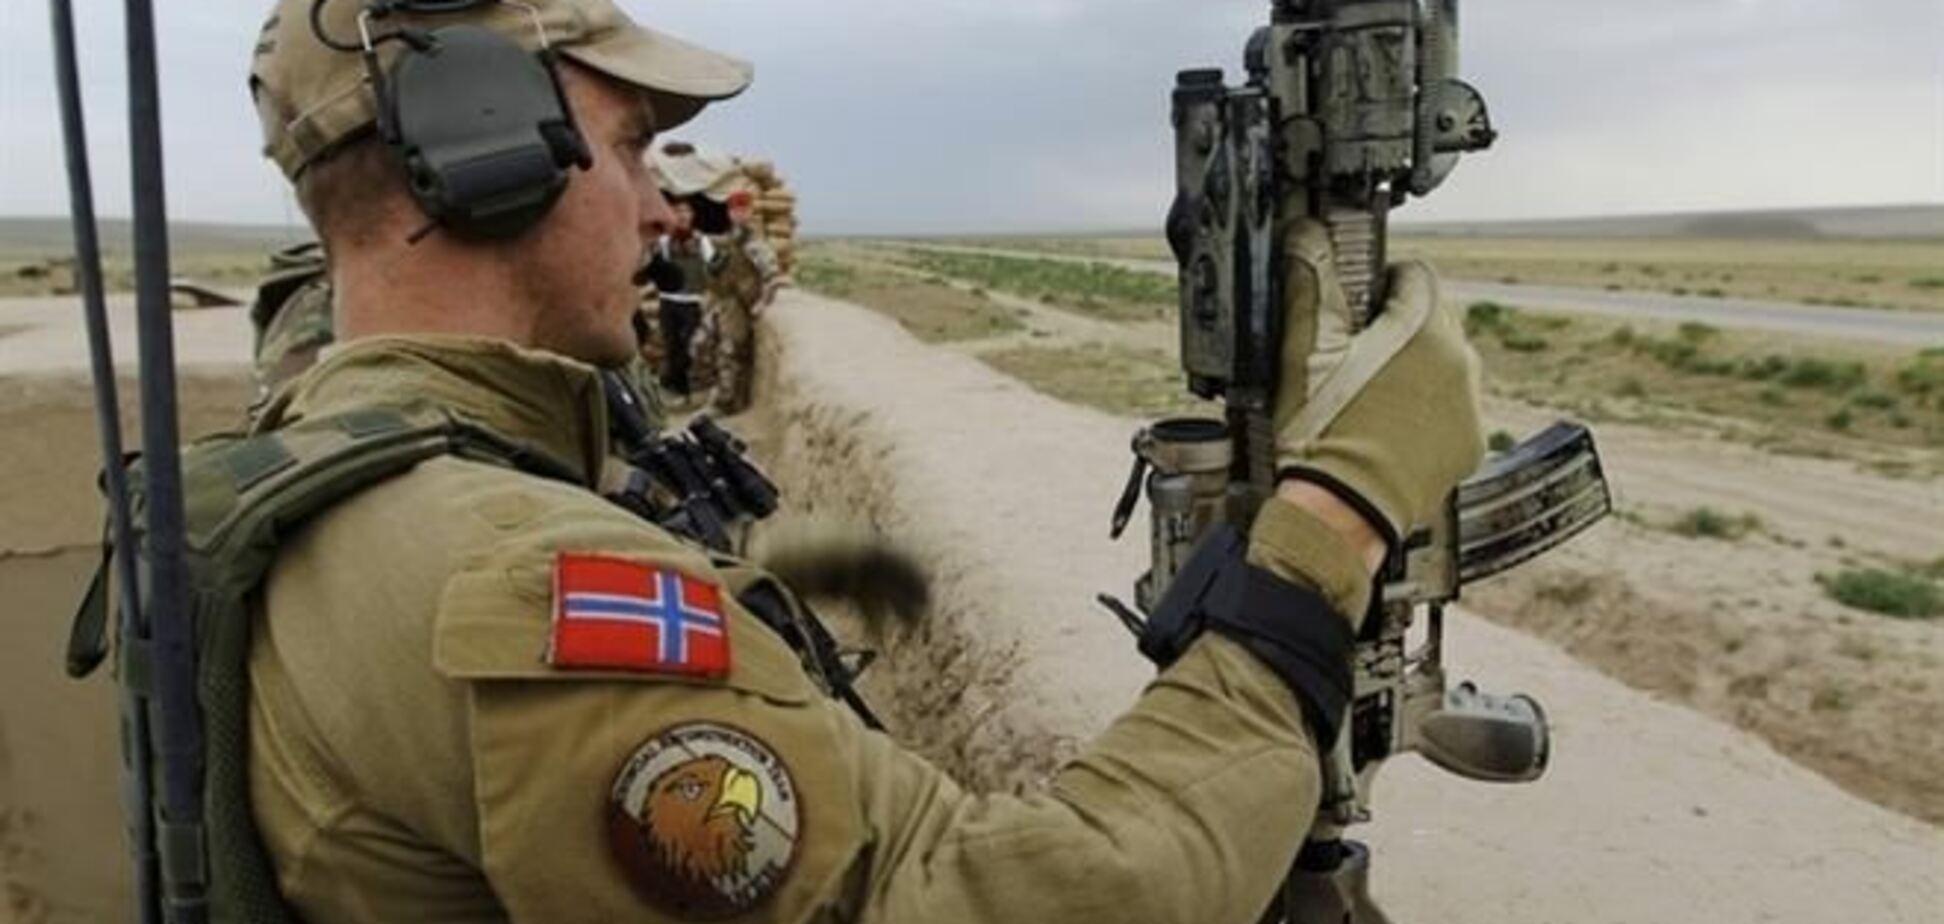 Норвегия из-за Украины замораживает военное сотрудничество с РФ